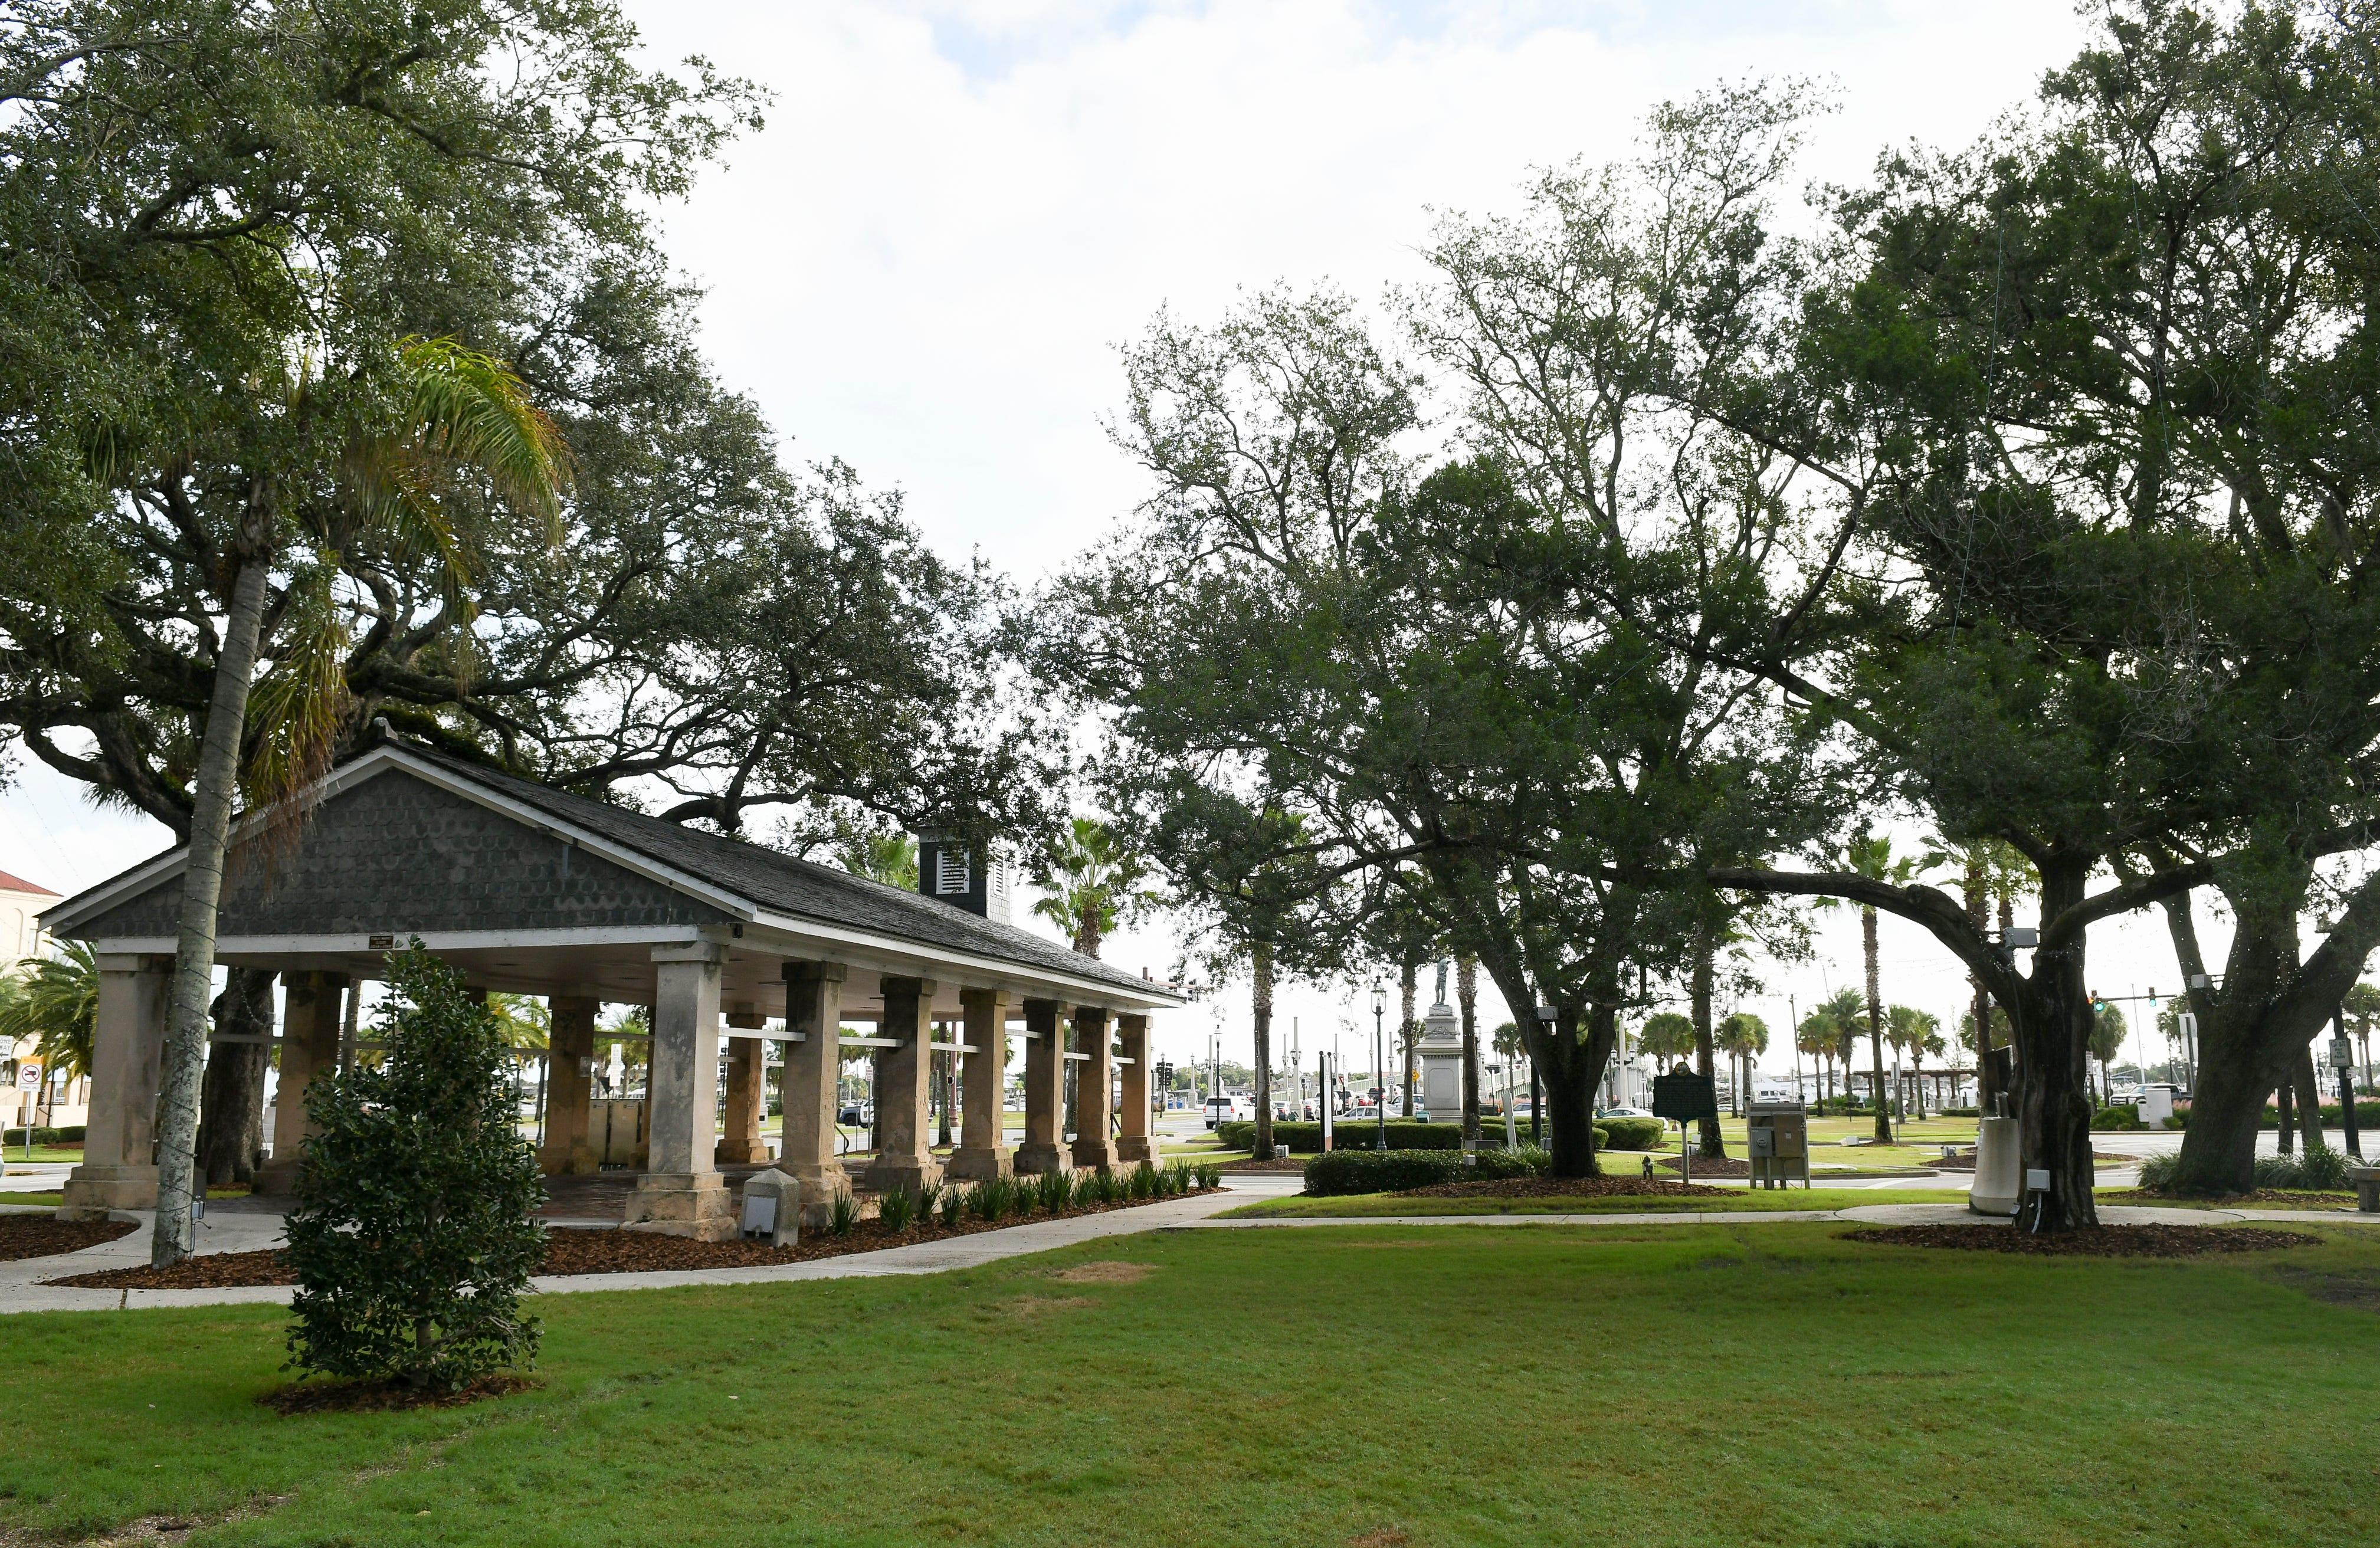 This open air pavilion in St. Augustine's Plaza de la Constitucion is called The Slave Market.